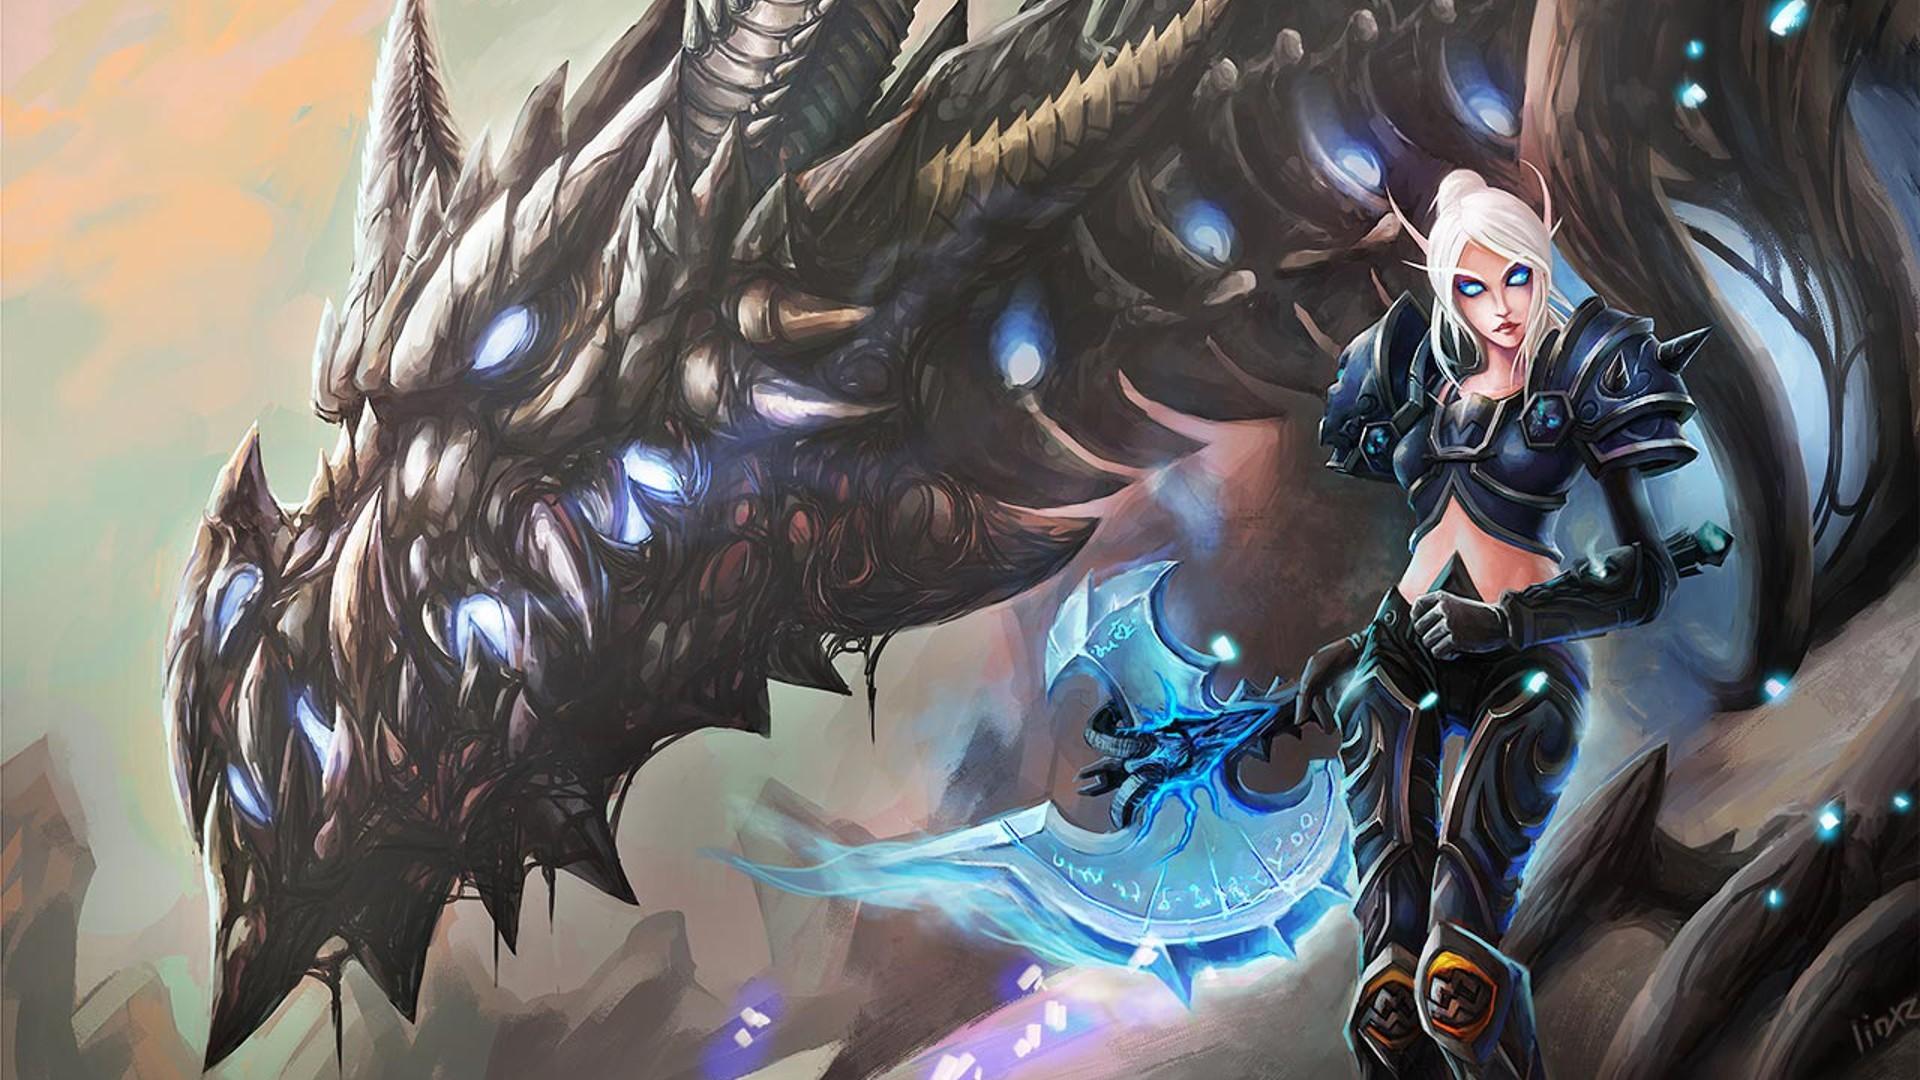 Anime World of Warcraft dragon Blood Elf death knights Sindragosa